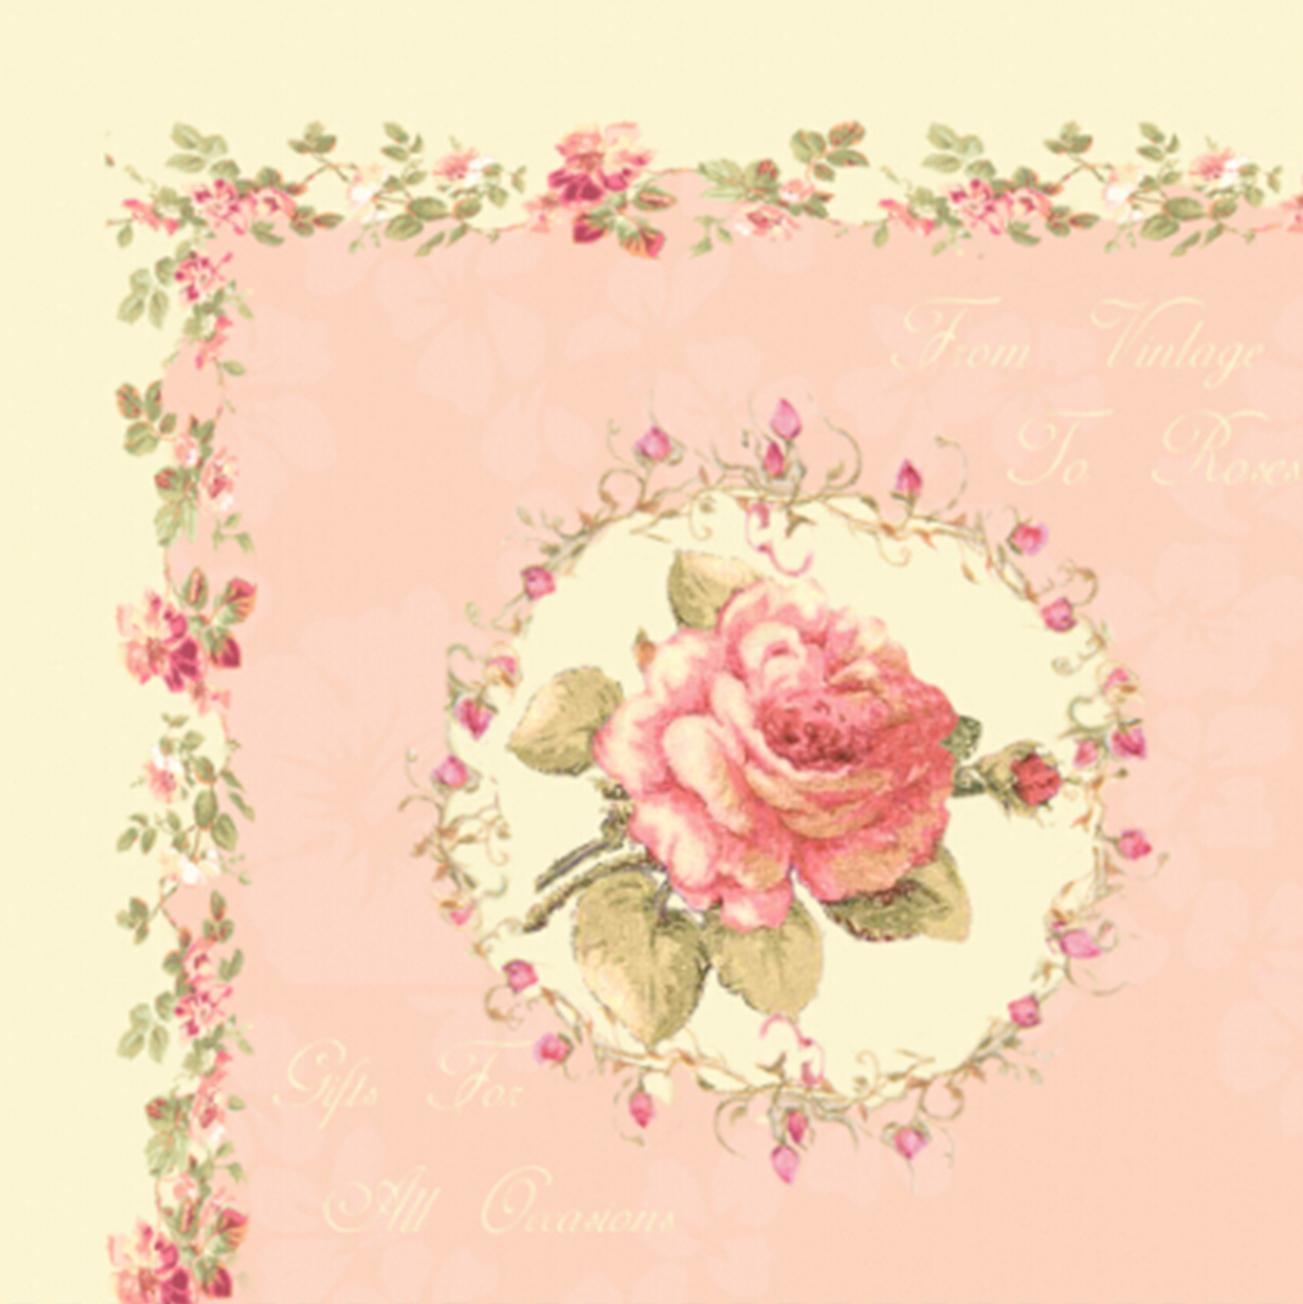 Holzkistchen Mit Hübsch Kleines Schwedenhaus Shabby Chic: Chic Antique Schöne Servietten Rosen Tischdeko Kleines